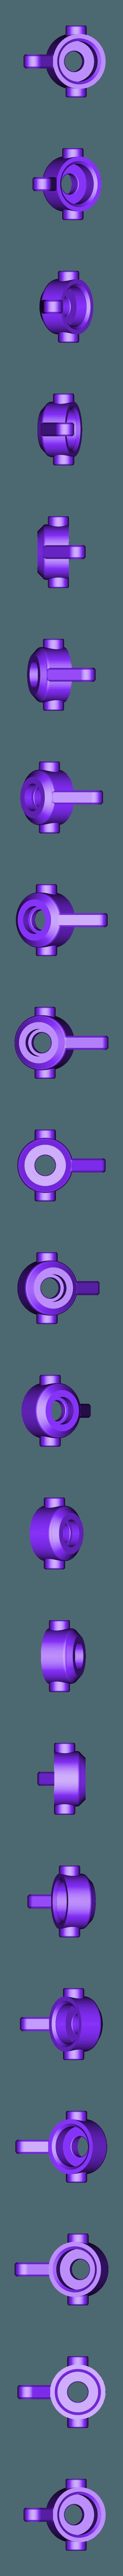 Front Hub.stl Télécharger fichier STL gratuit WLtoys A959 • Plan imprimable en 3D, EvolvingExtrusions